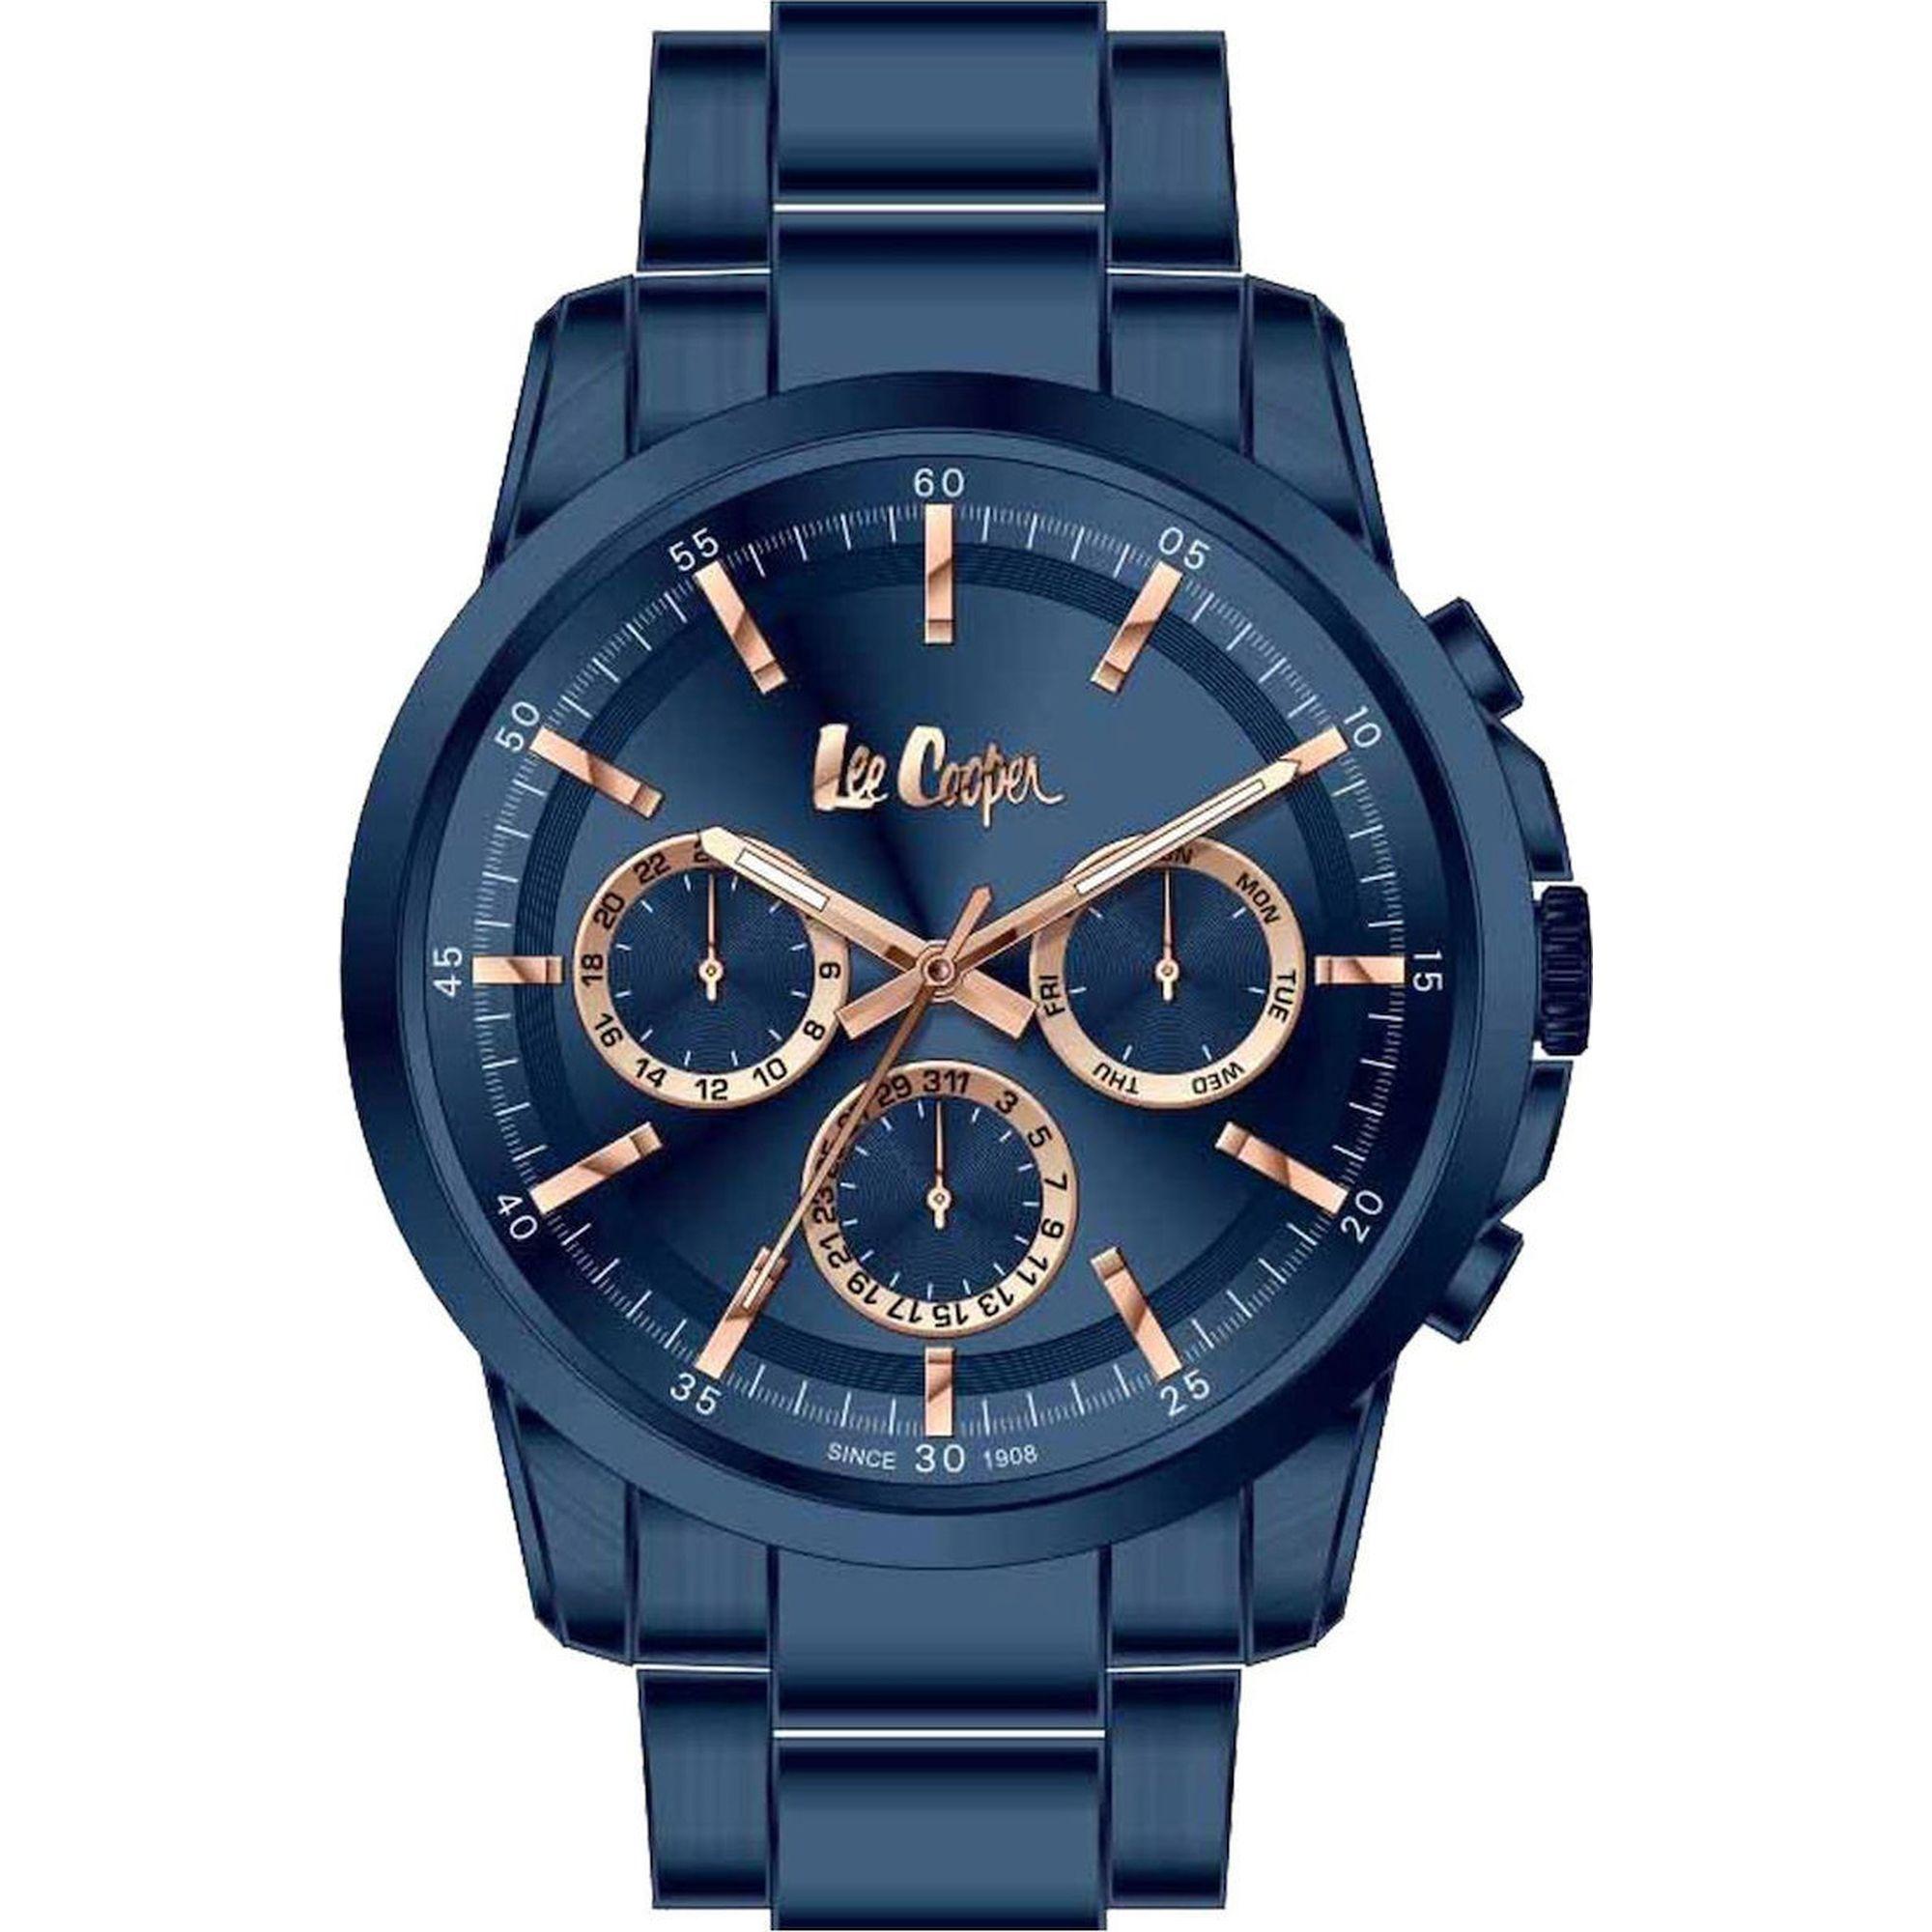 Lee Cooper Ρολόι 43mm Μπλέ Καντράν και Μπρασελέ LC06847.990